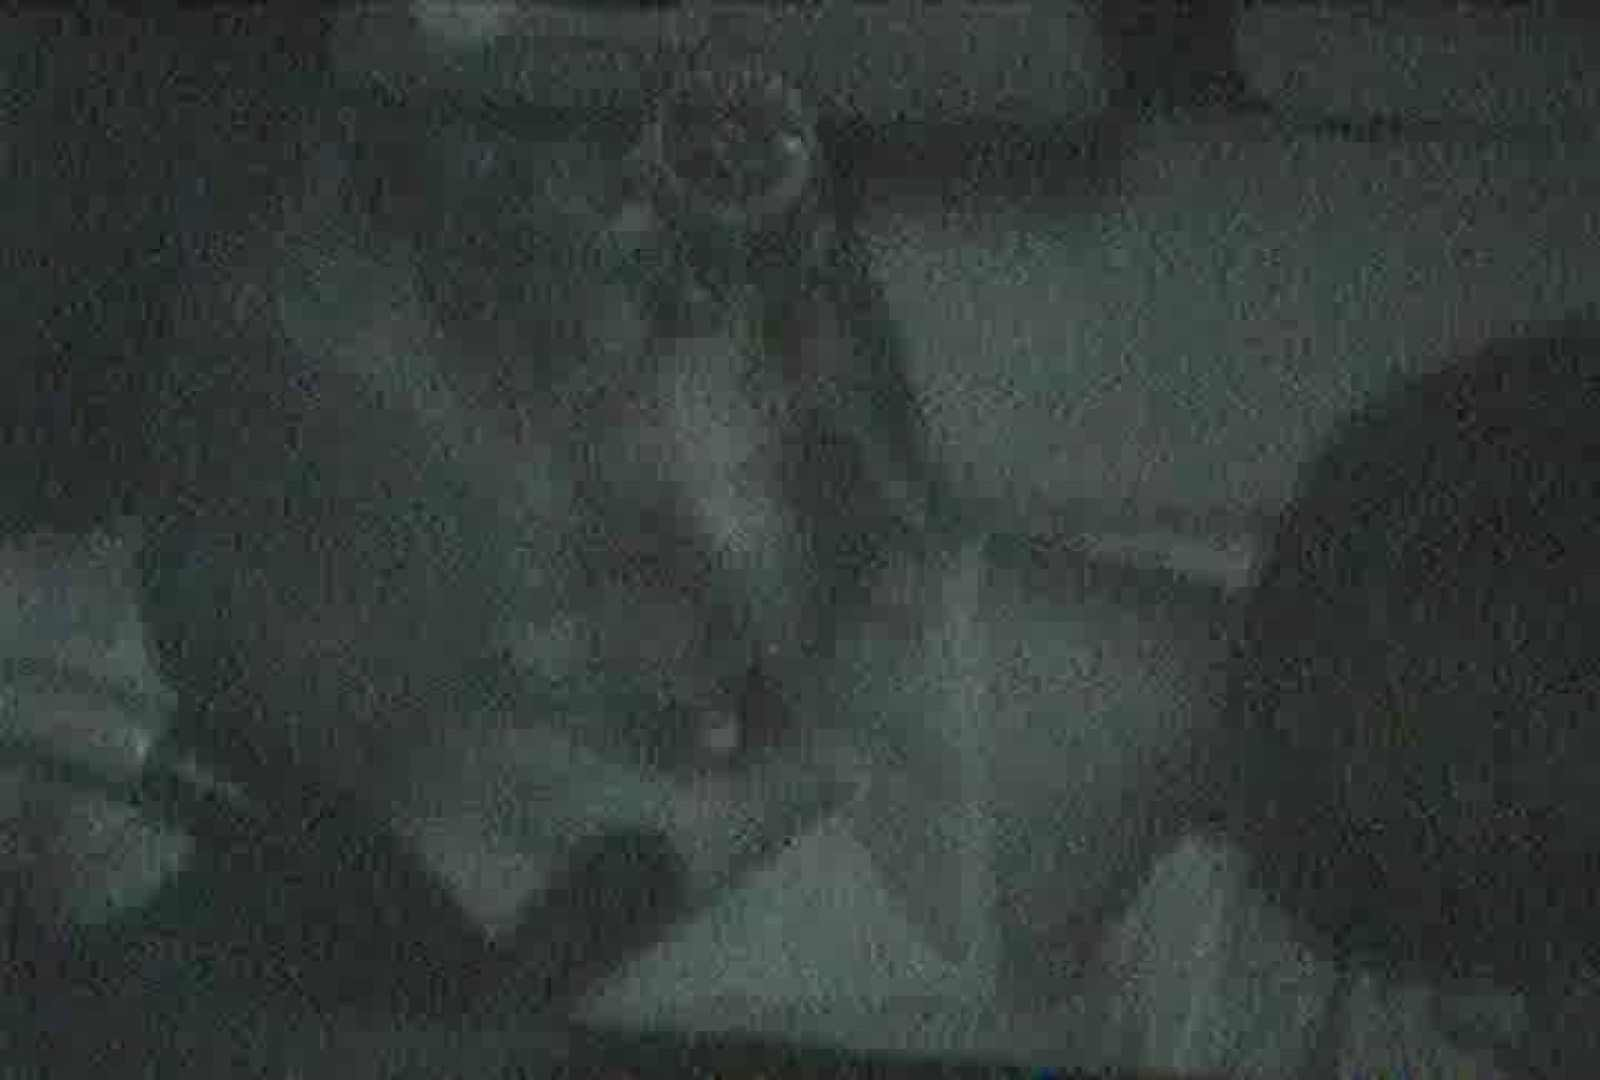 充血監督の深夜の運動会Vol.99 カップルのセックス  75PIX 16